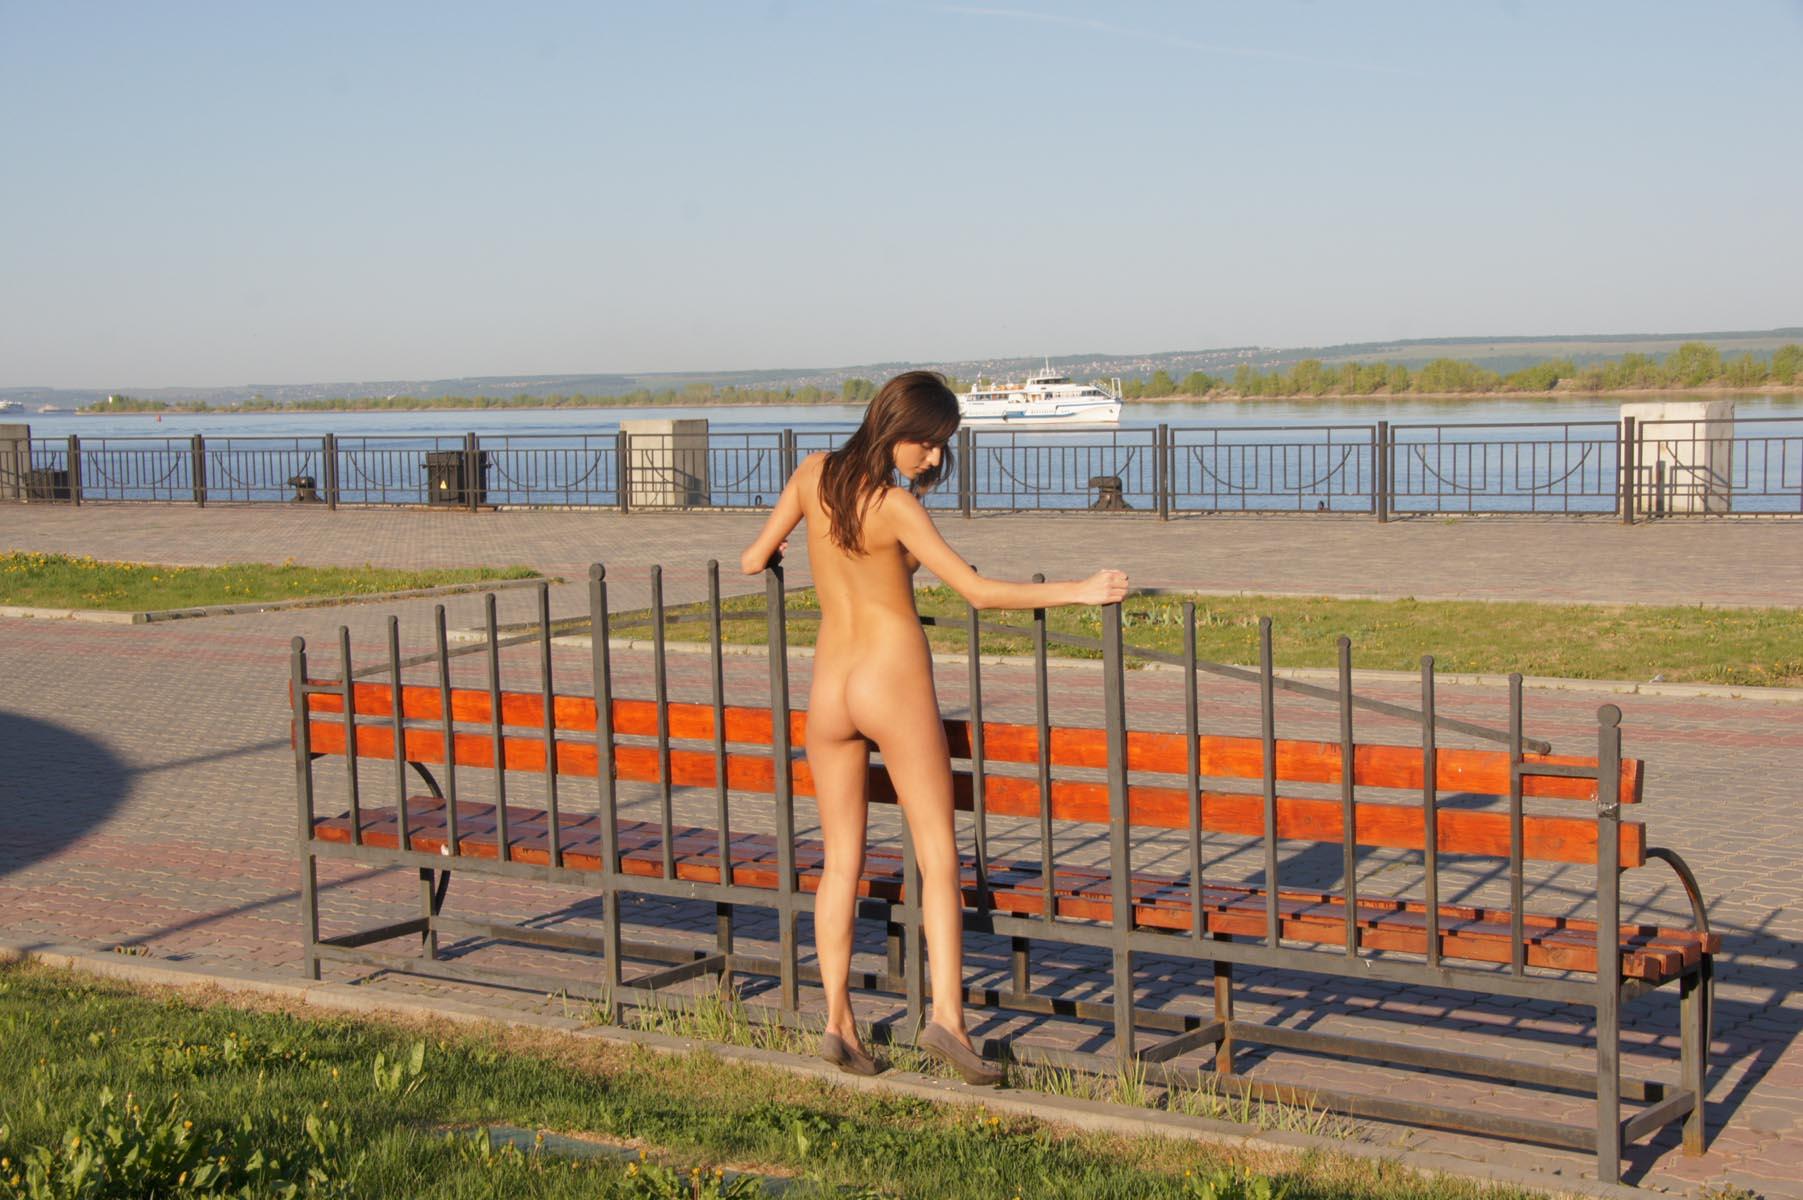 irina-k-nude-in-russia-kazan-24